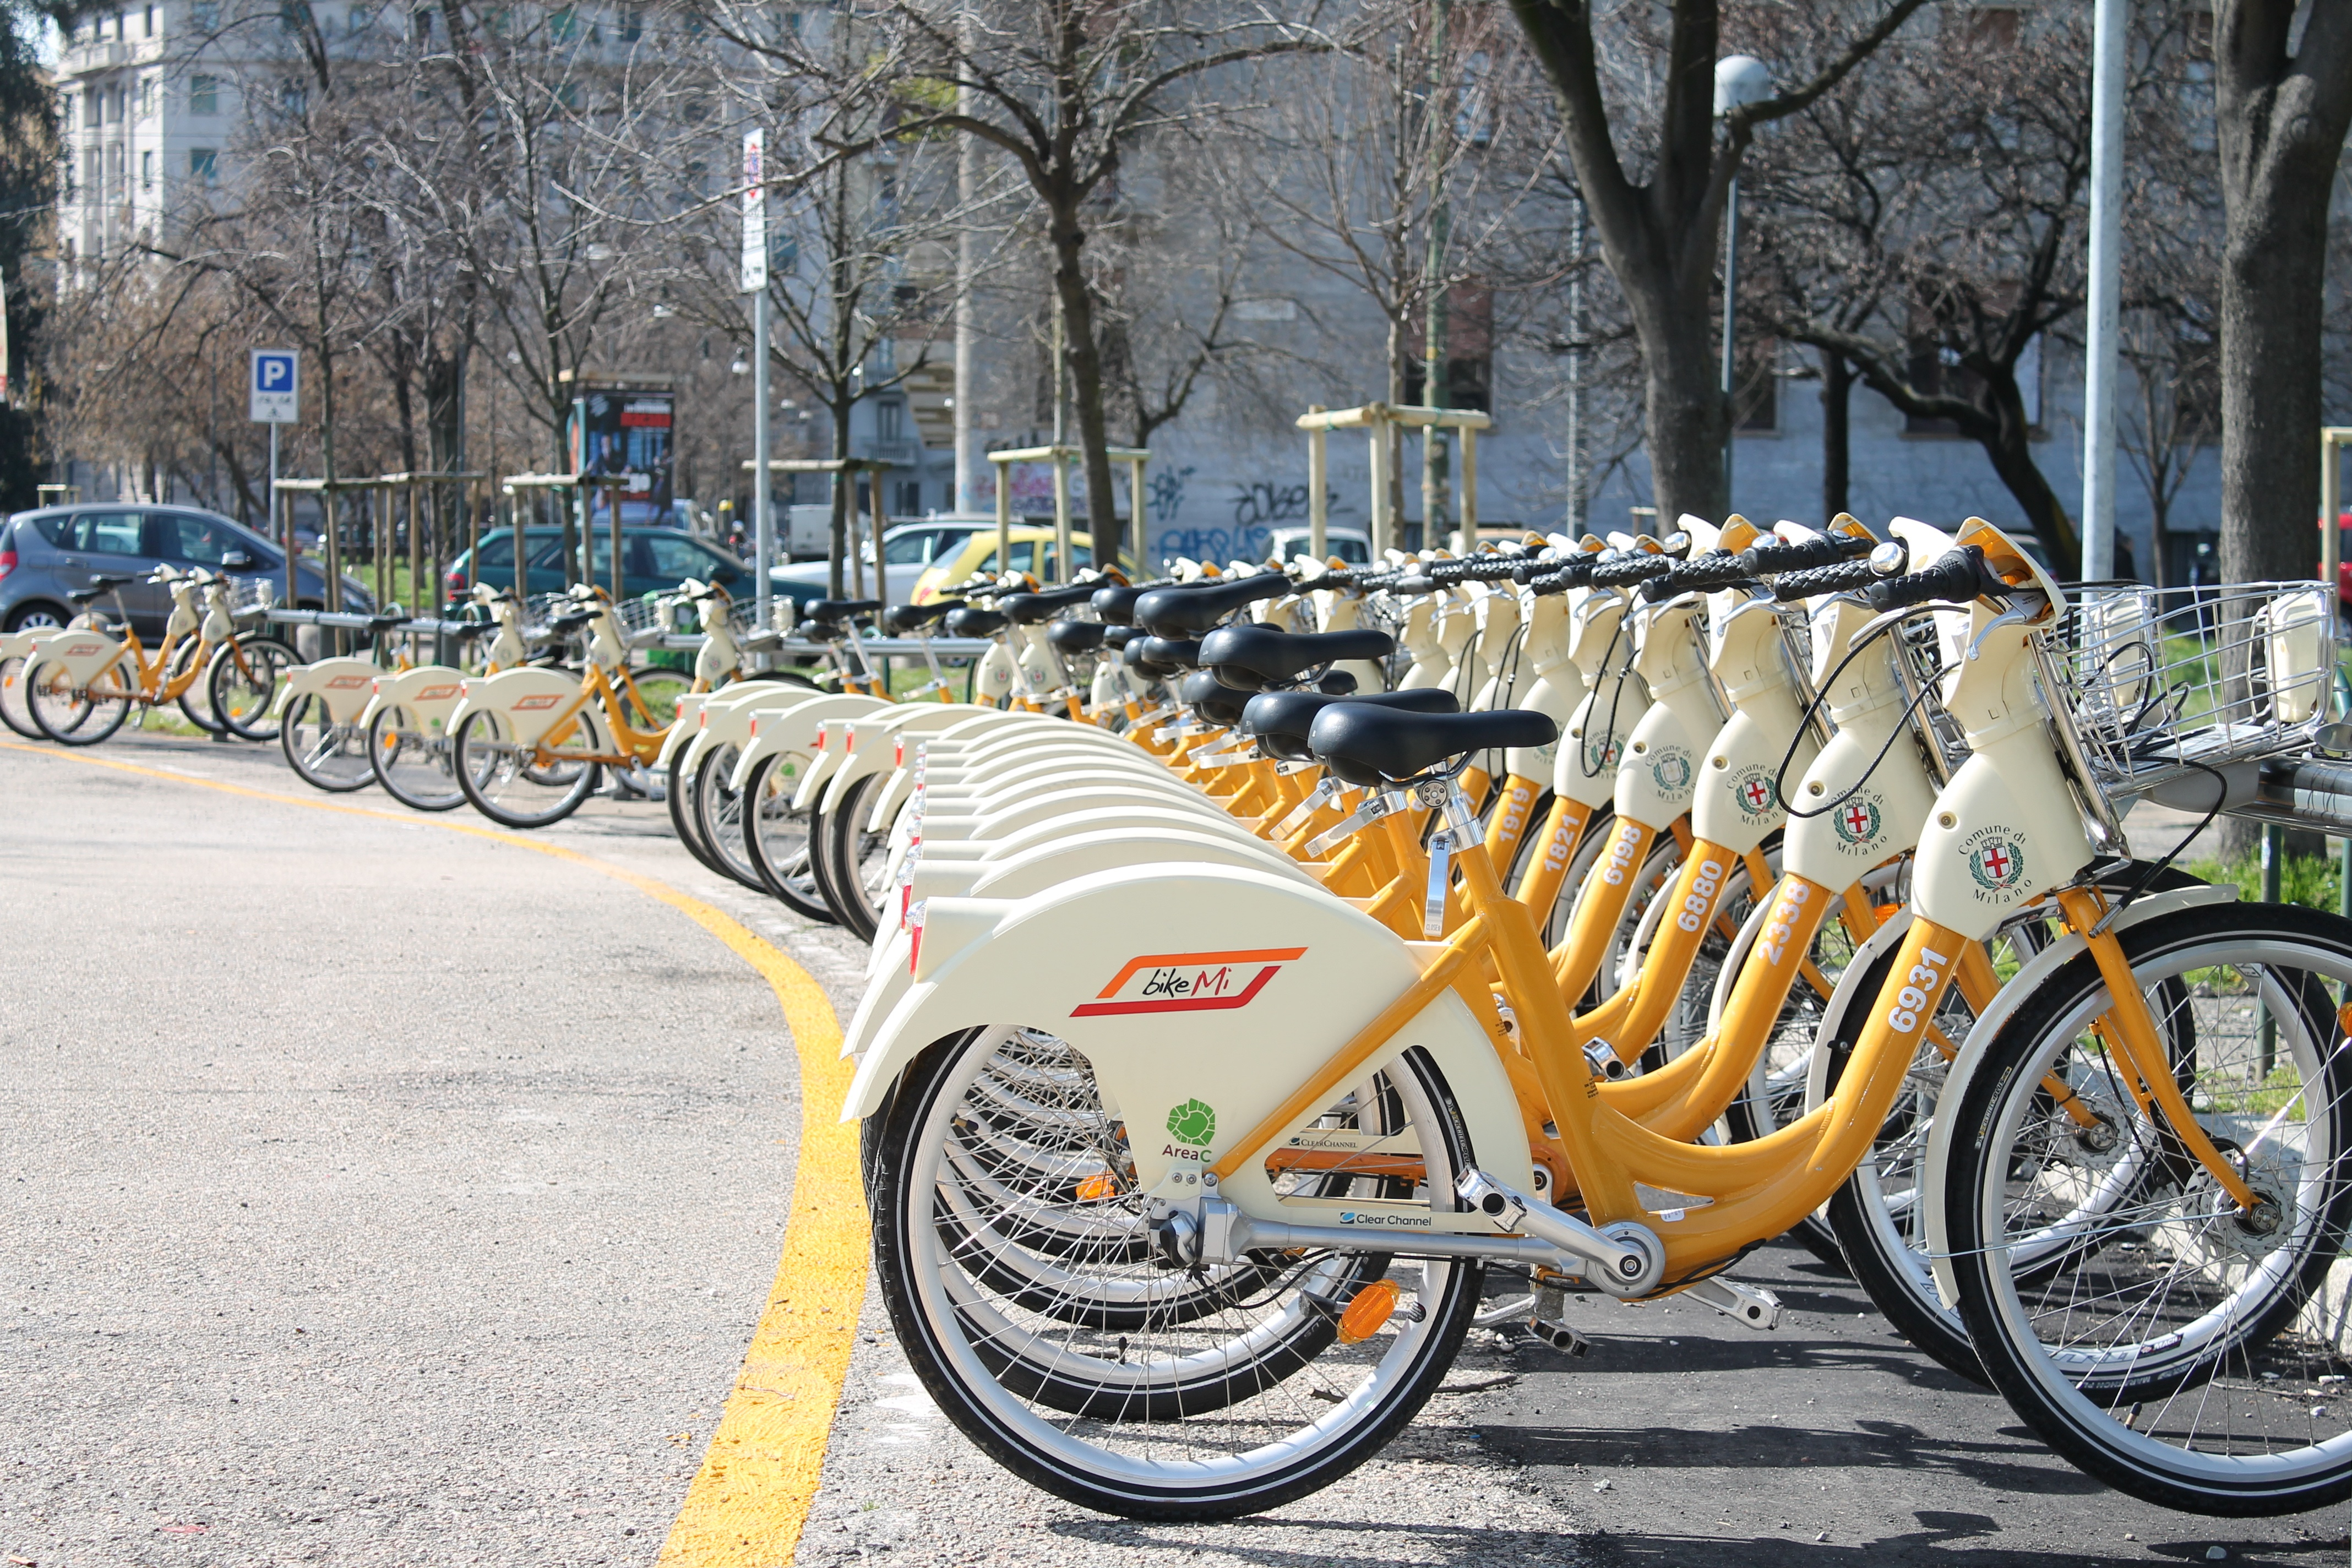 La consulta sui referendum milanesi conclude il mandato for Mobile milano bike sharing